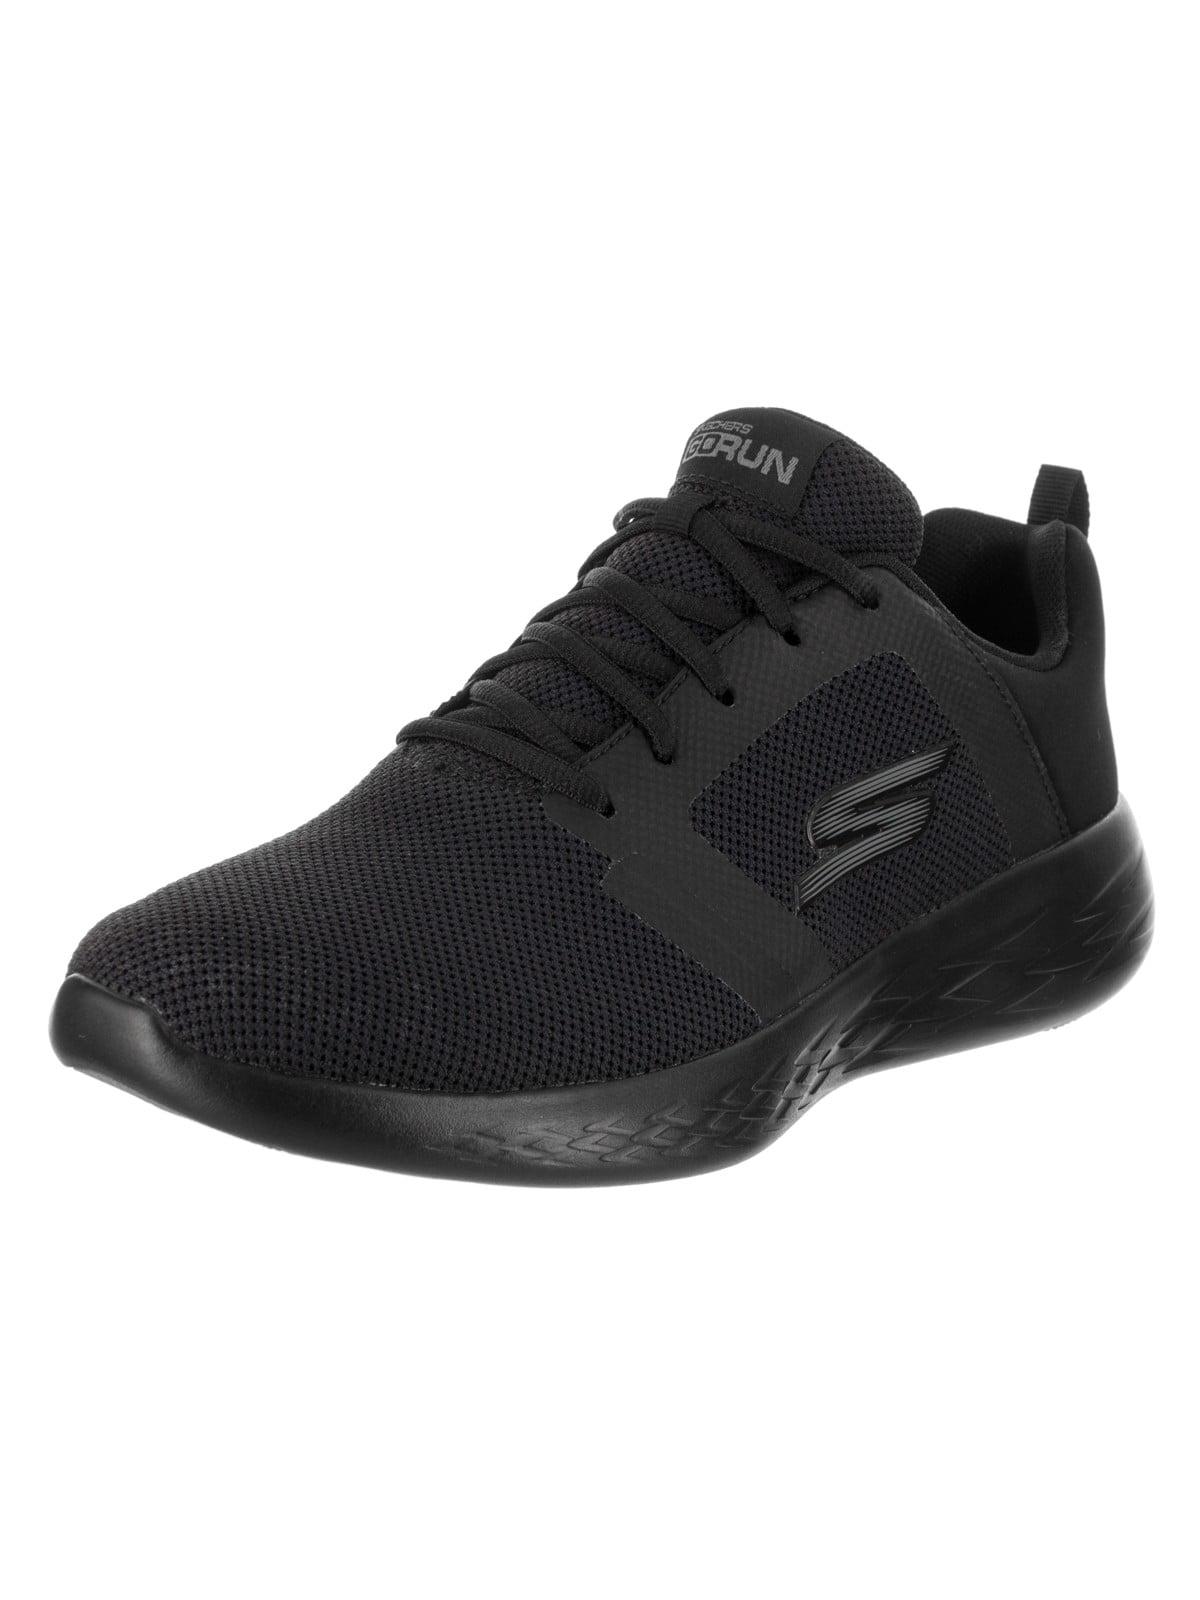 Skechers Men's Go Run 600 - Revel Running Shoe